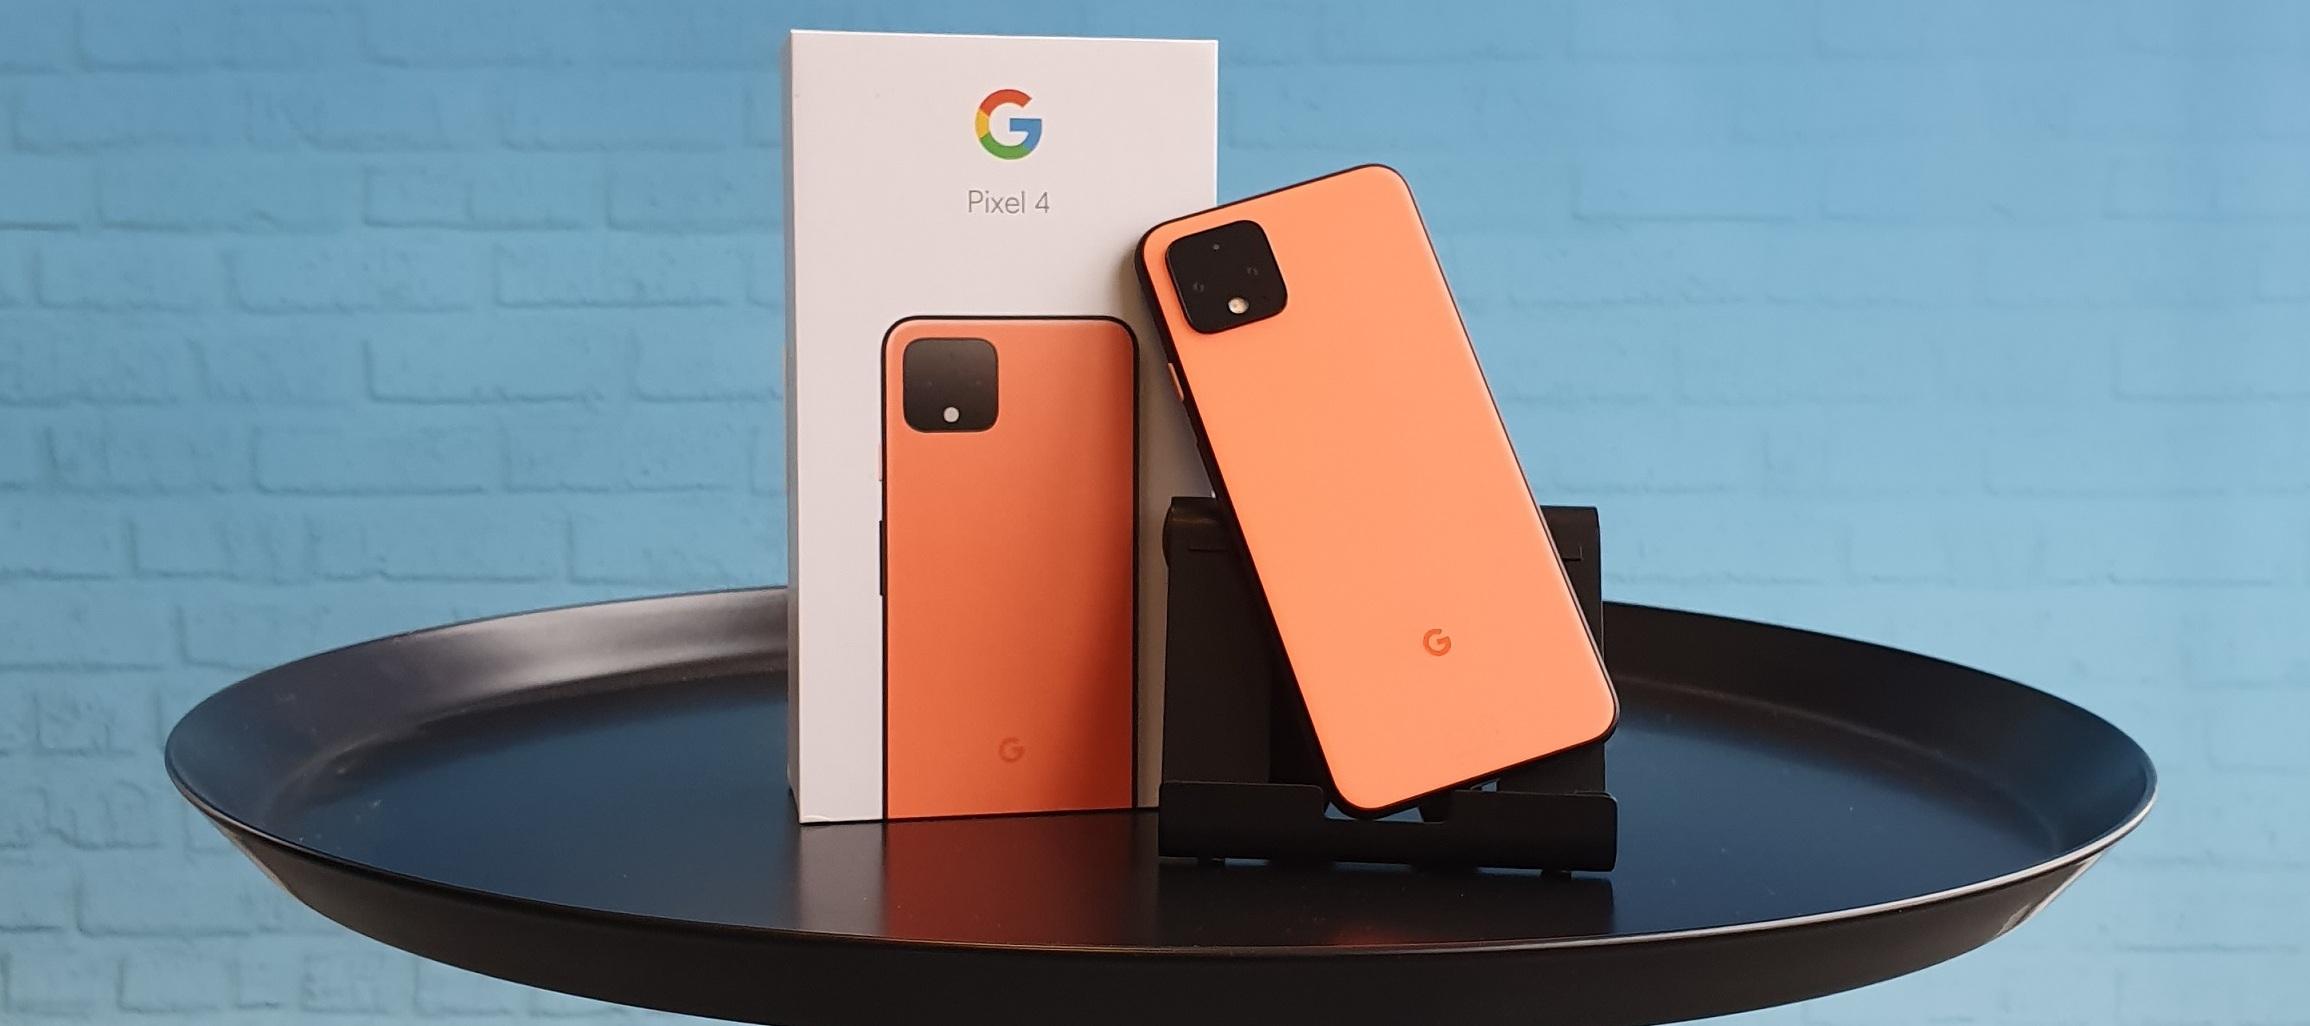 Google Pixel 4 Testgerät: Deine Meinung ist hier gefragt! Bewirb dich jetzt und werde Tester/in!